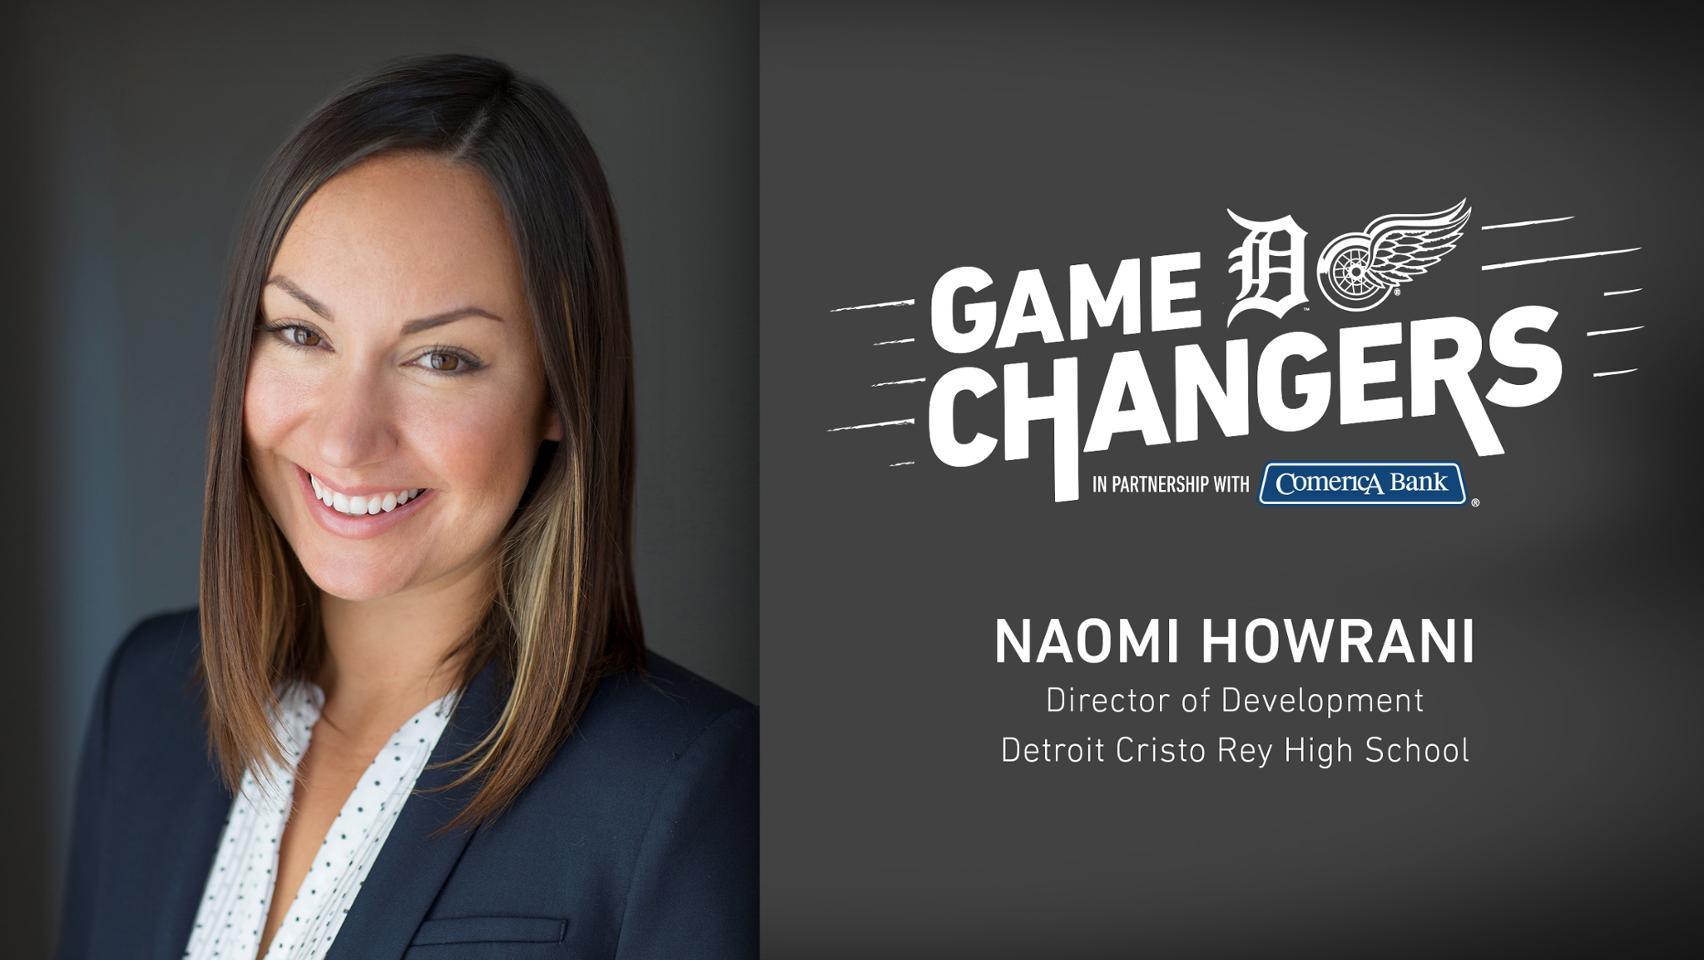 Naomi Howrani